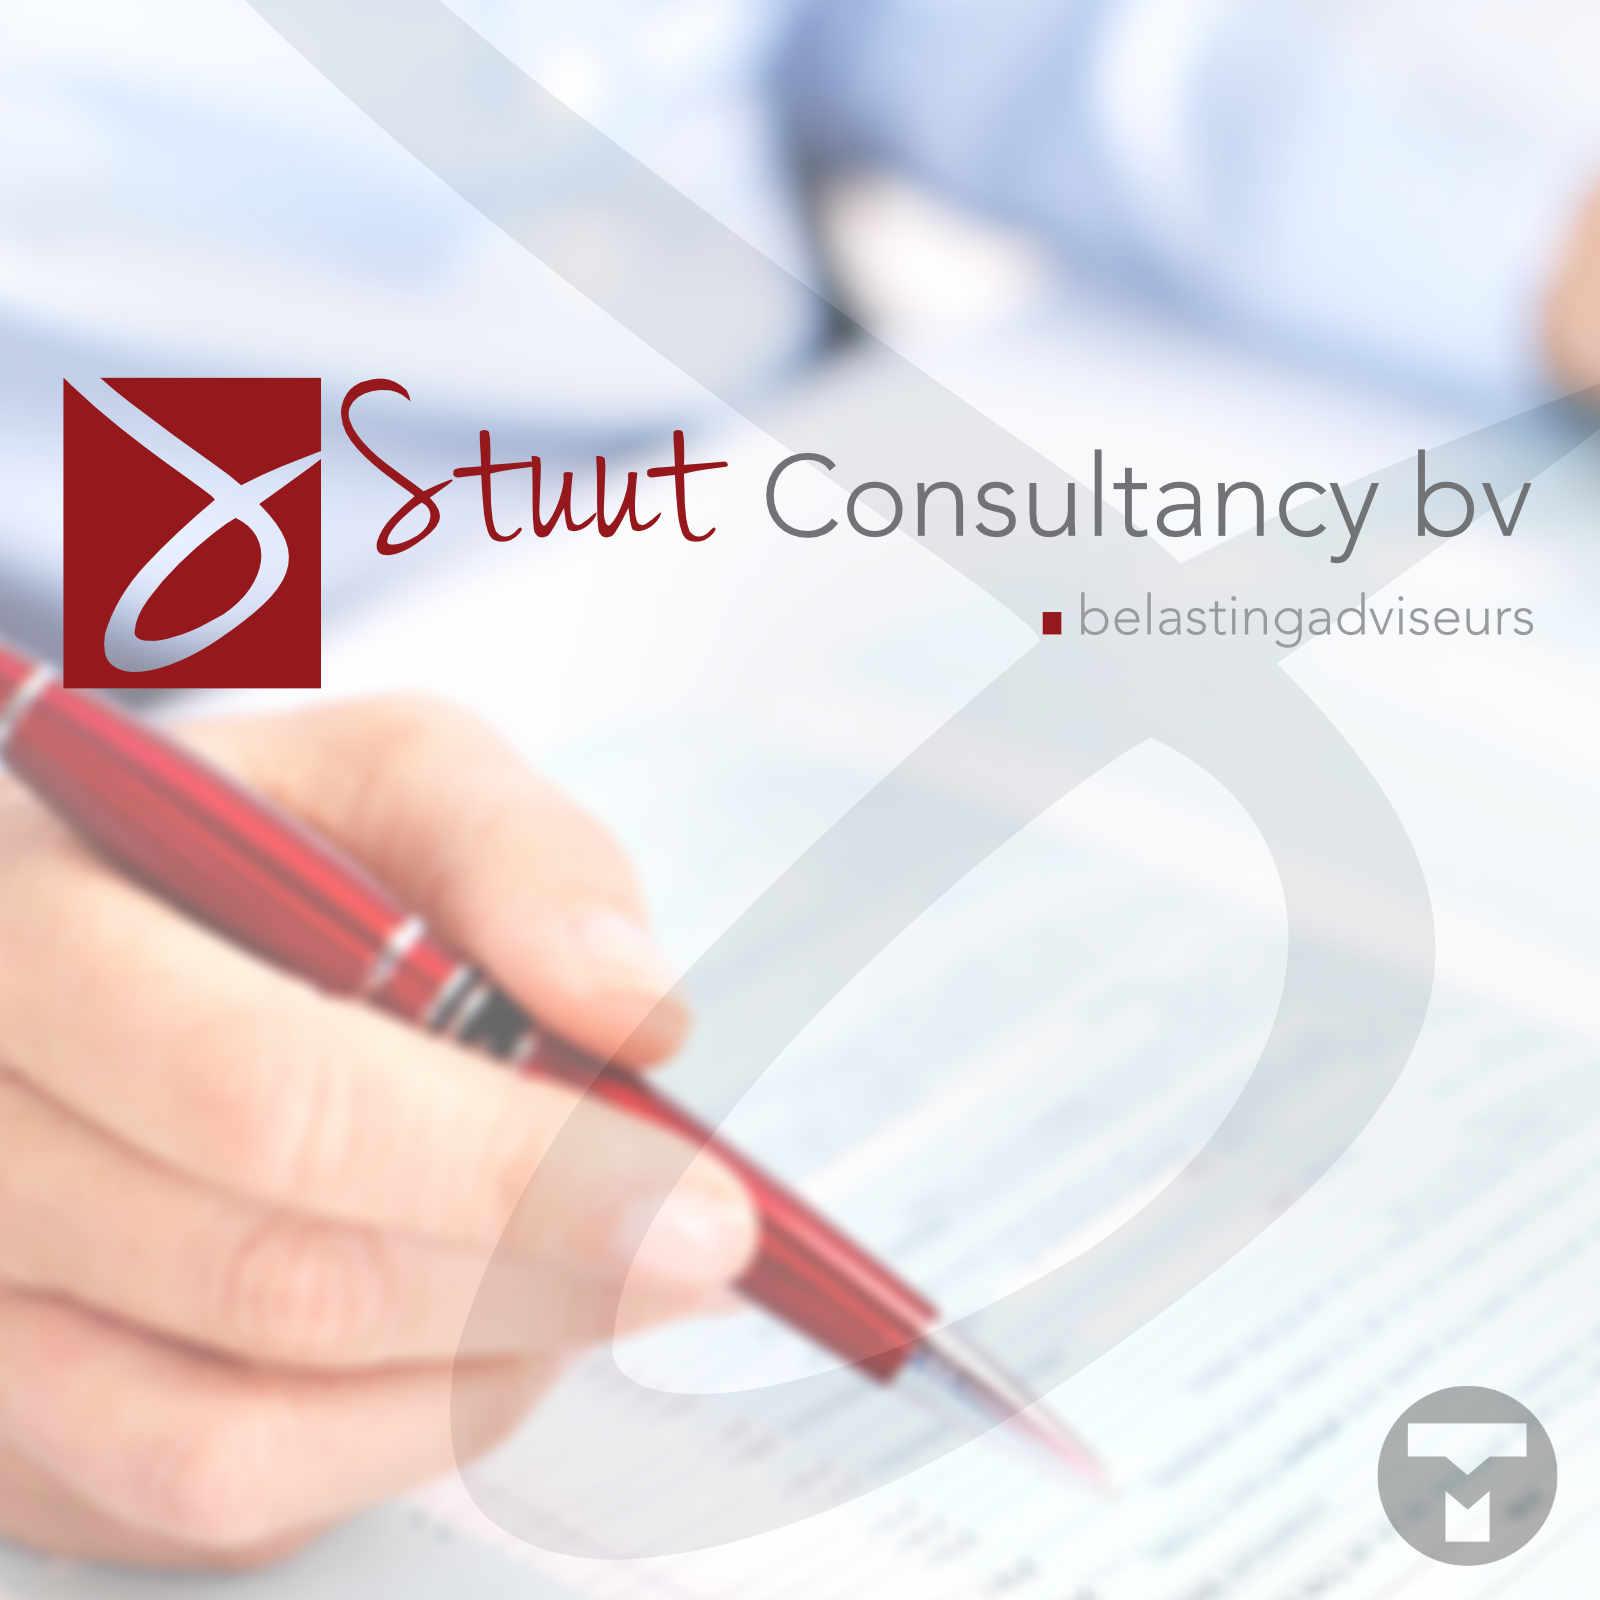 Een nieuw logo voor Stuut Consultancy